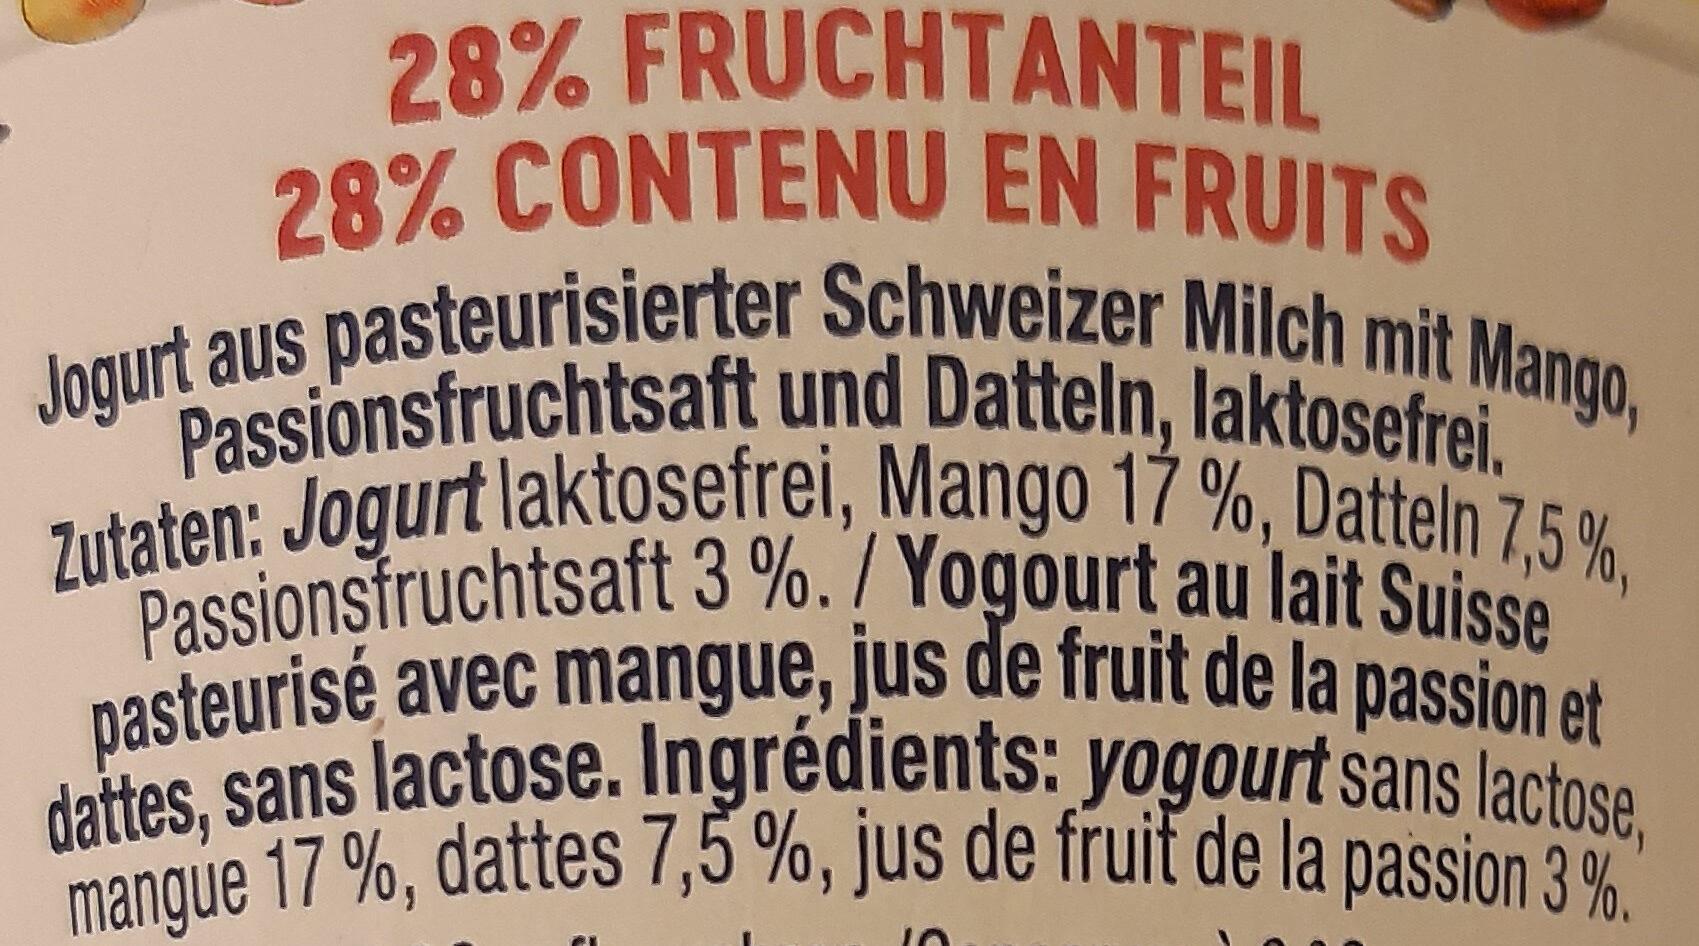 Jogurt Pur Mango-Passionsfrucht & Dattel - Ingredienti - fr